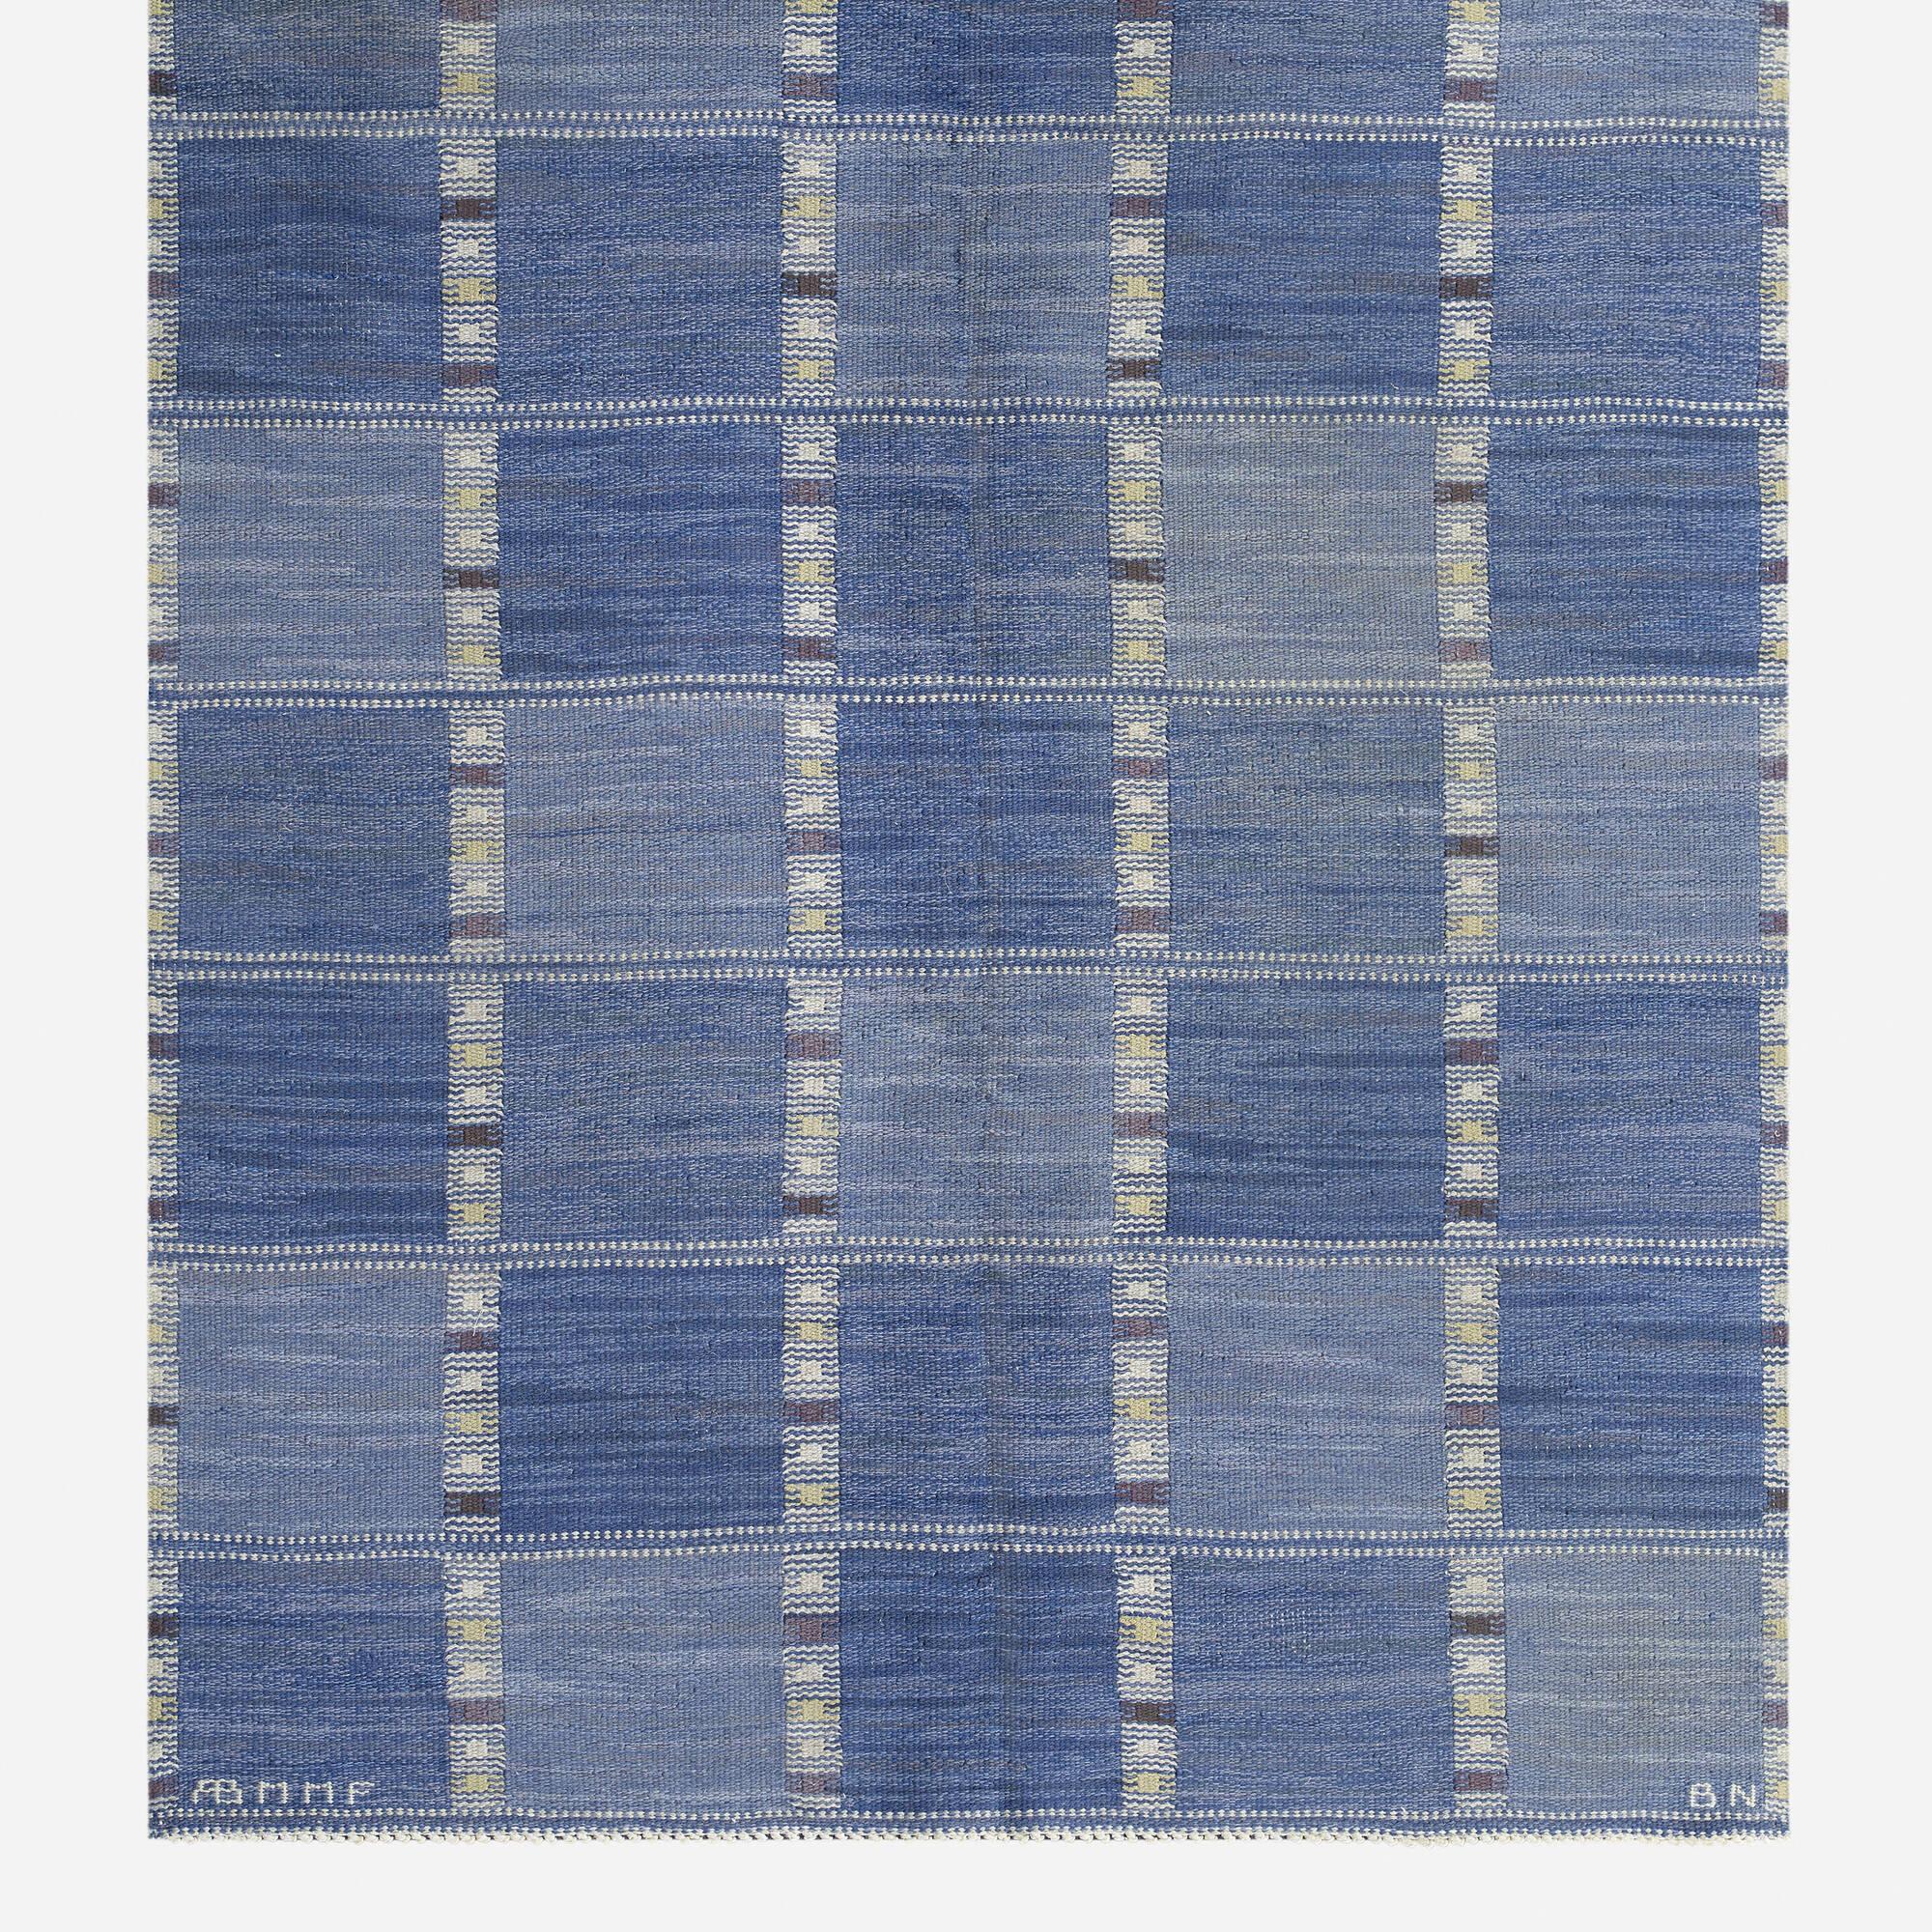 106: Barbro Nilsson / Falurutan flatweave carpet (2 of 3)